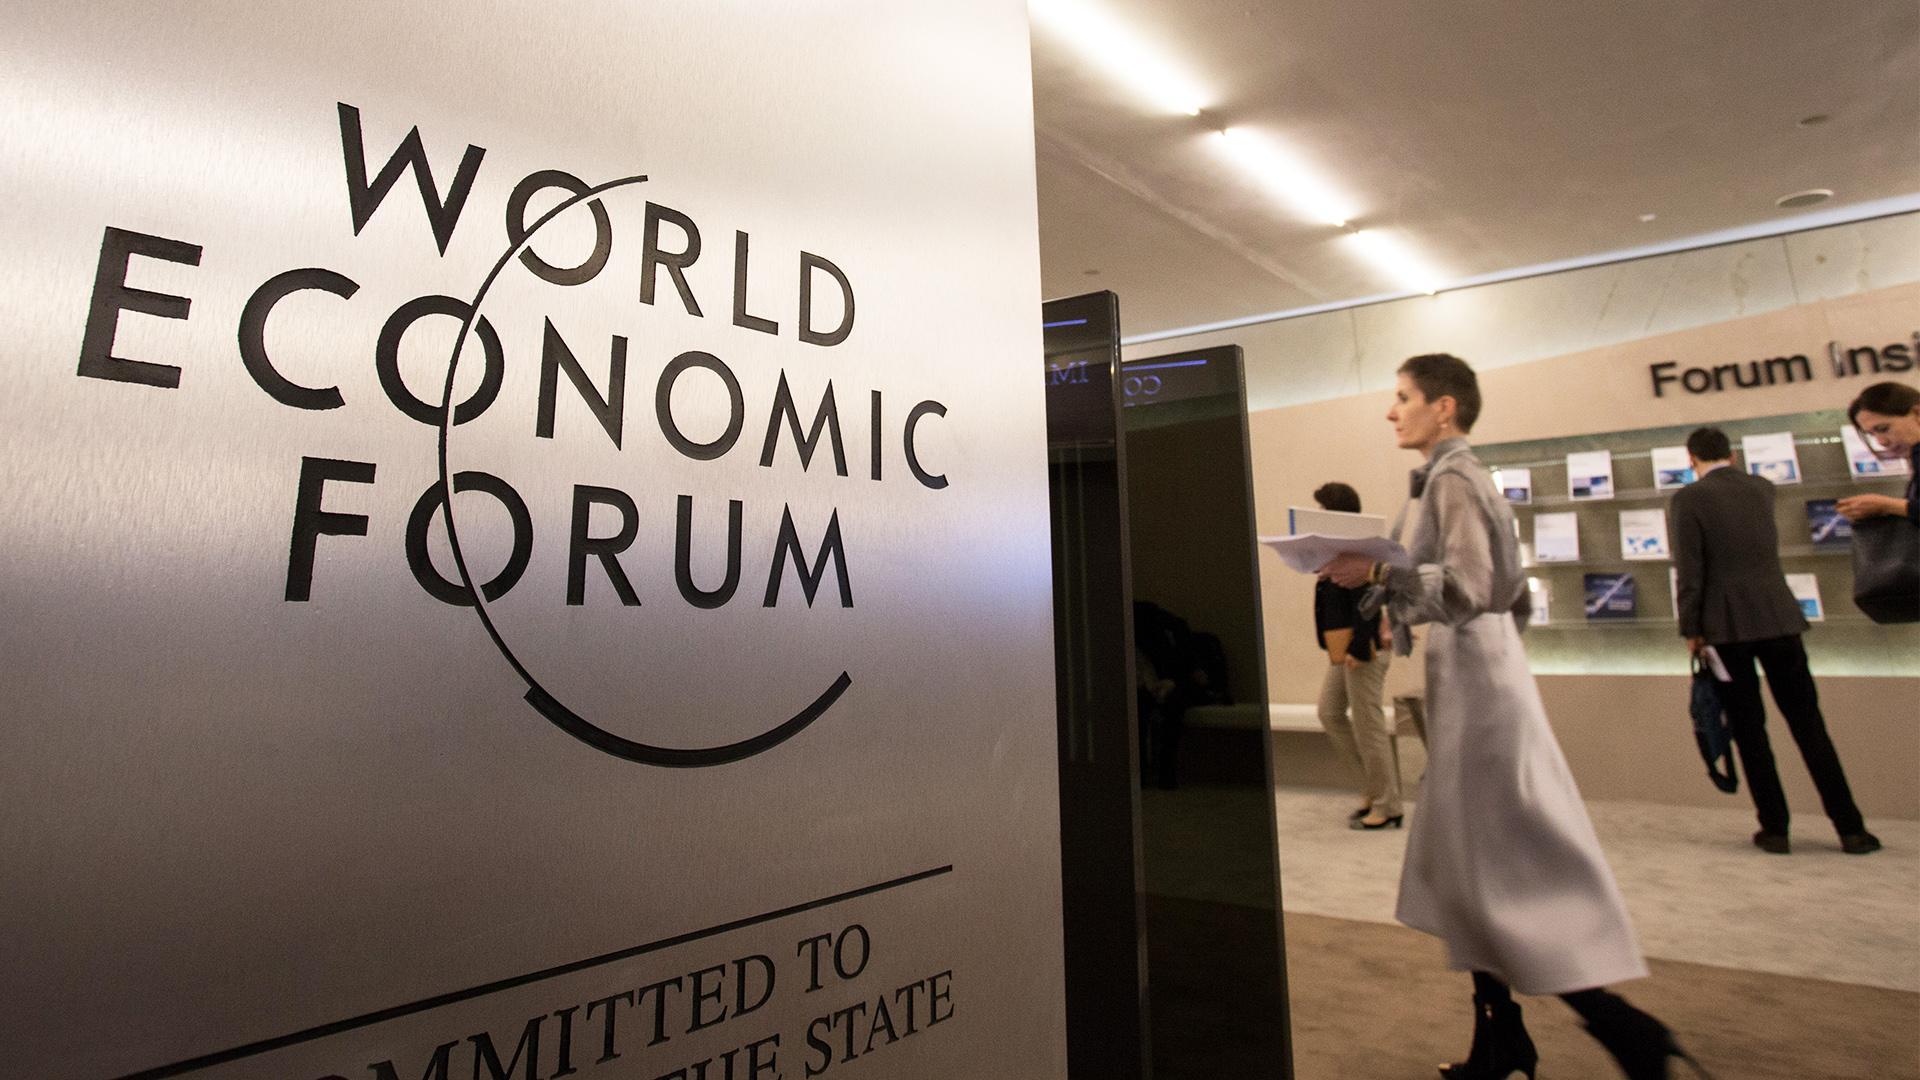 Зеленский, Трамп, Меркель, Макрон, Грета Тунберг: появился список участников форума в Давосе